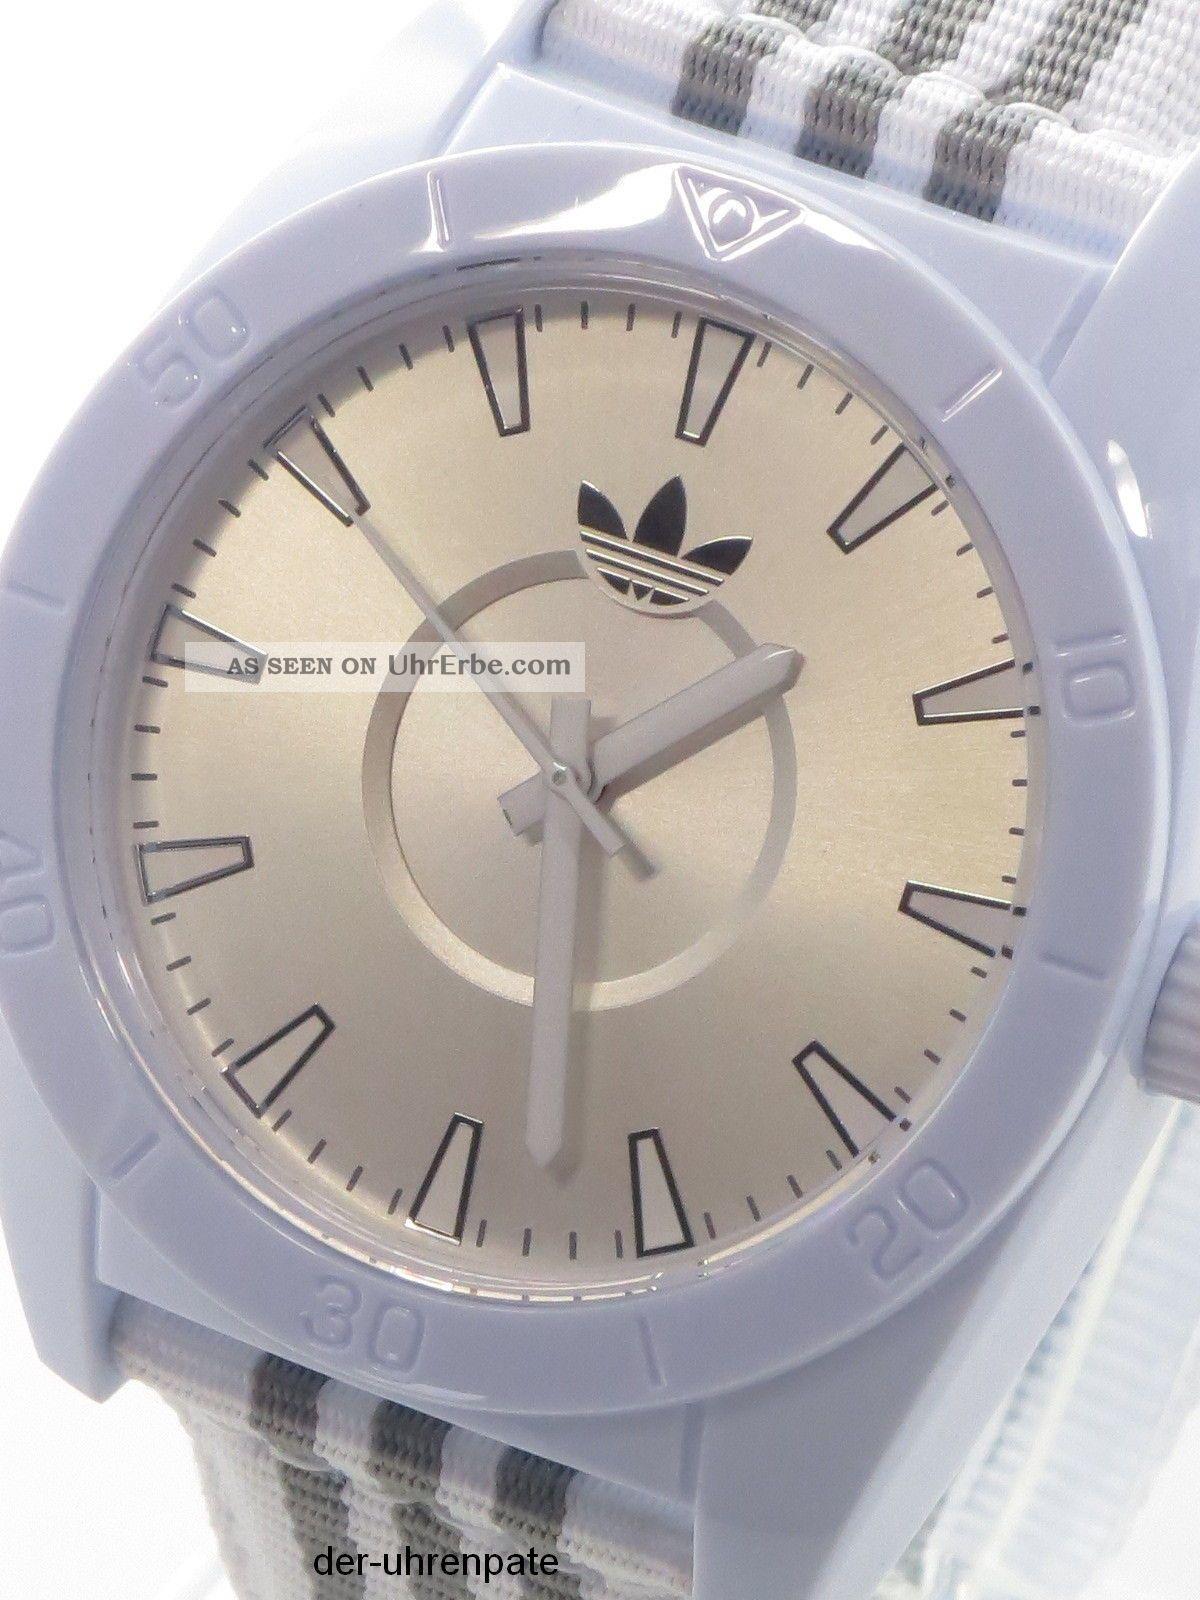 Adidas Herrenuhr / Herren Uhr Textil - Stoffband Santiago Silber Weiß Adh2660 Armbanduhren Bild